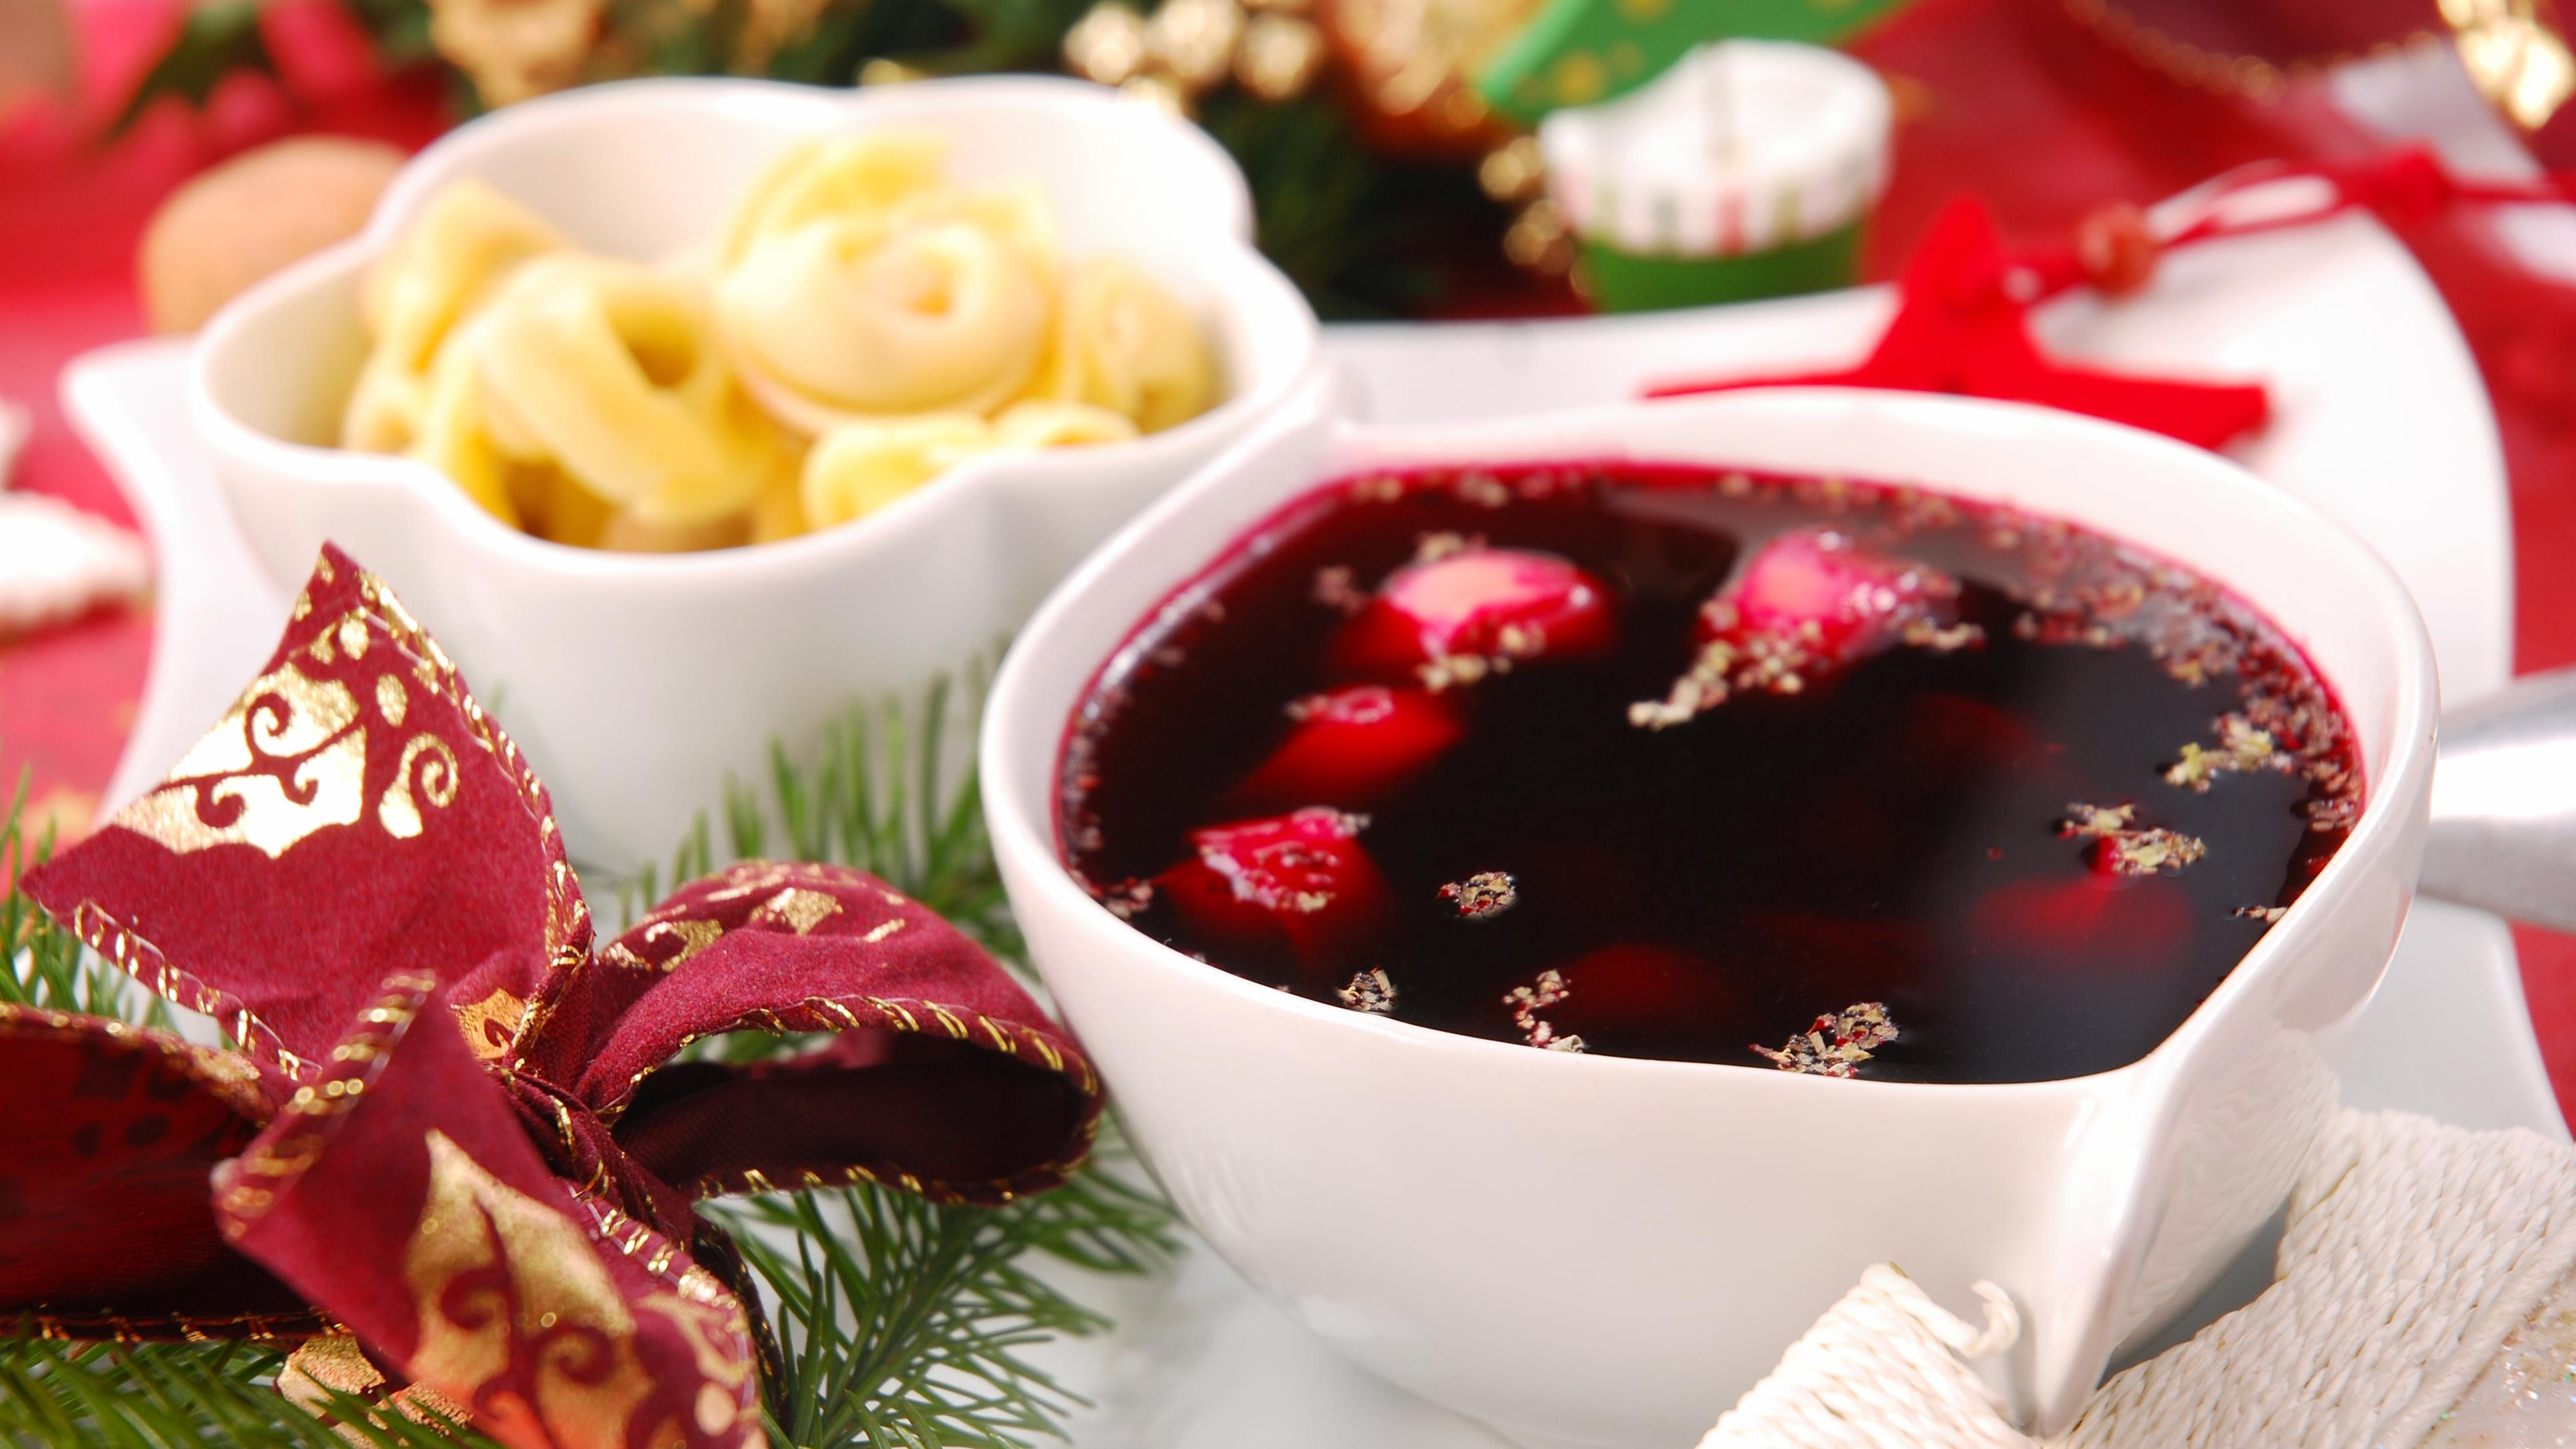 Kuchnia staropolska: tradycje świąteczne i wigilijne - Styl